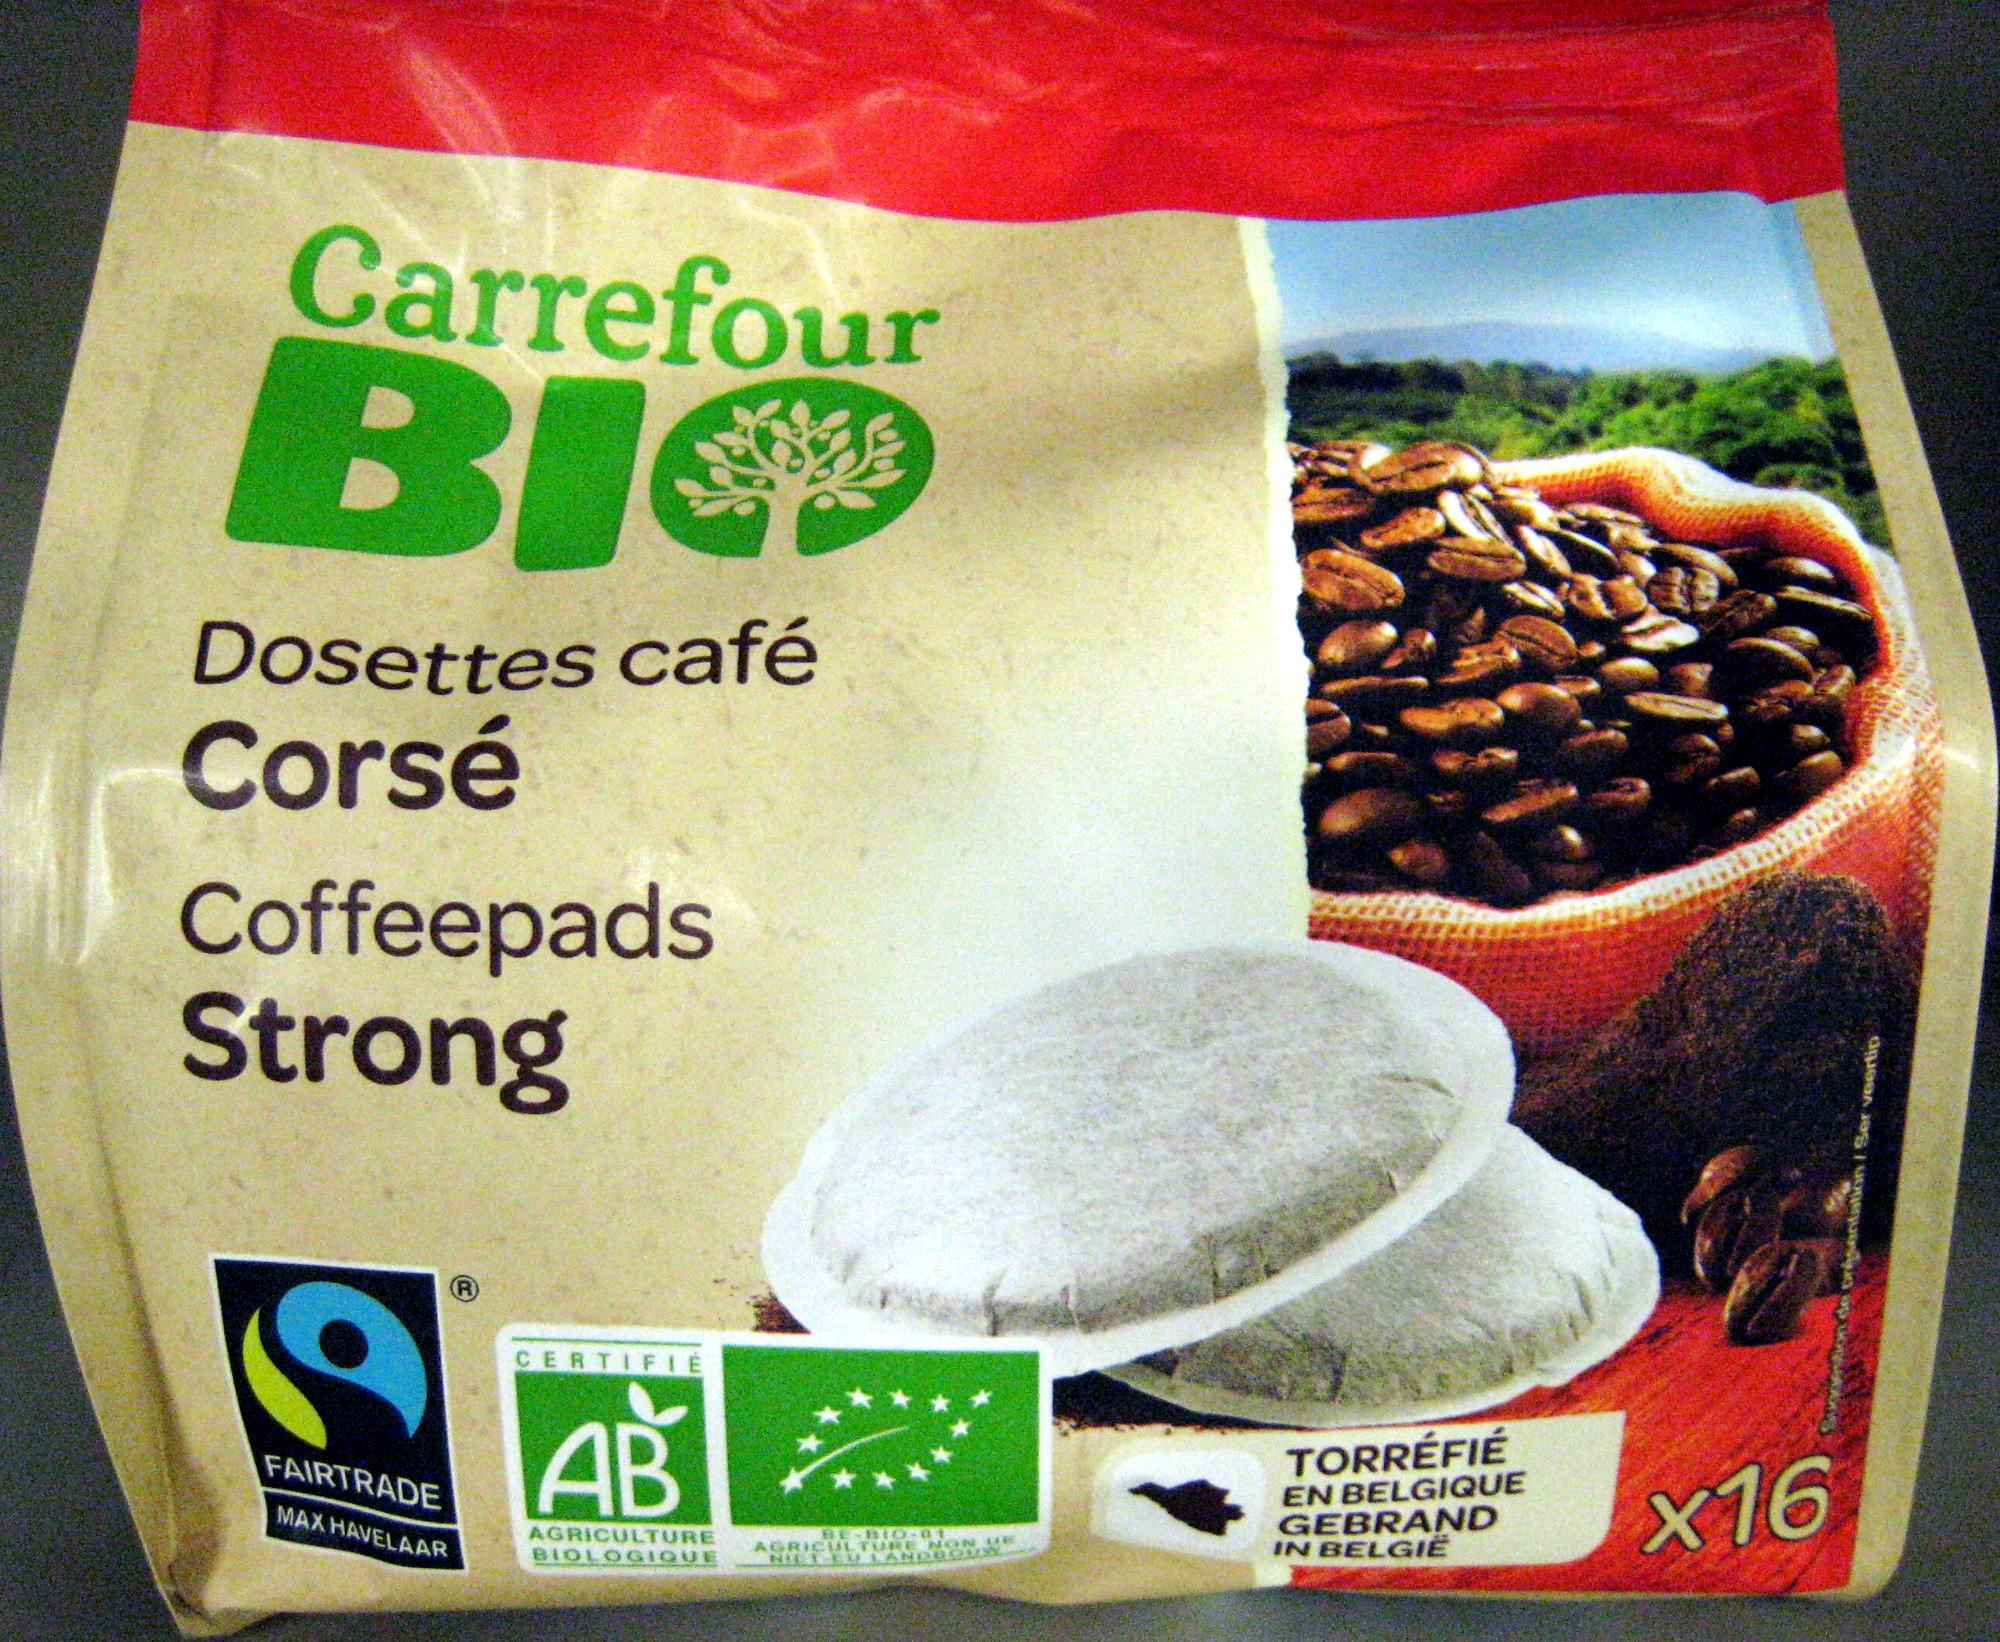 Dosettes café Corsé Bio - Product - fr